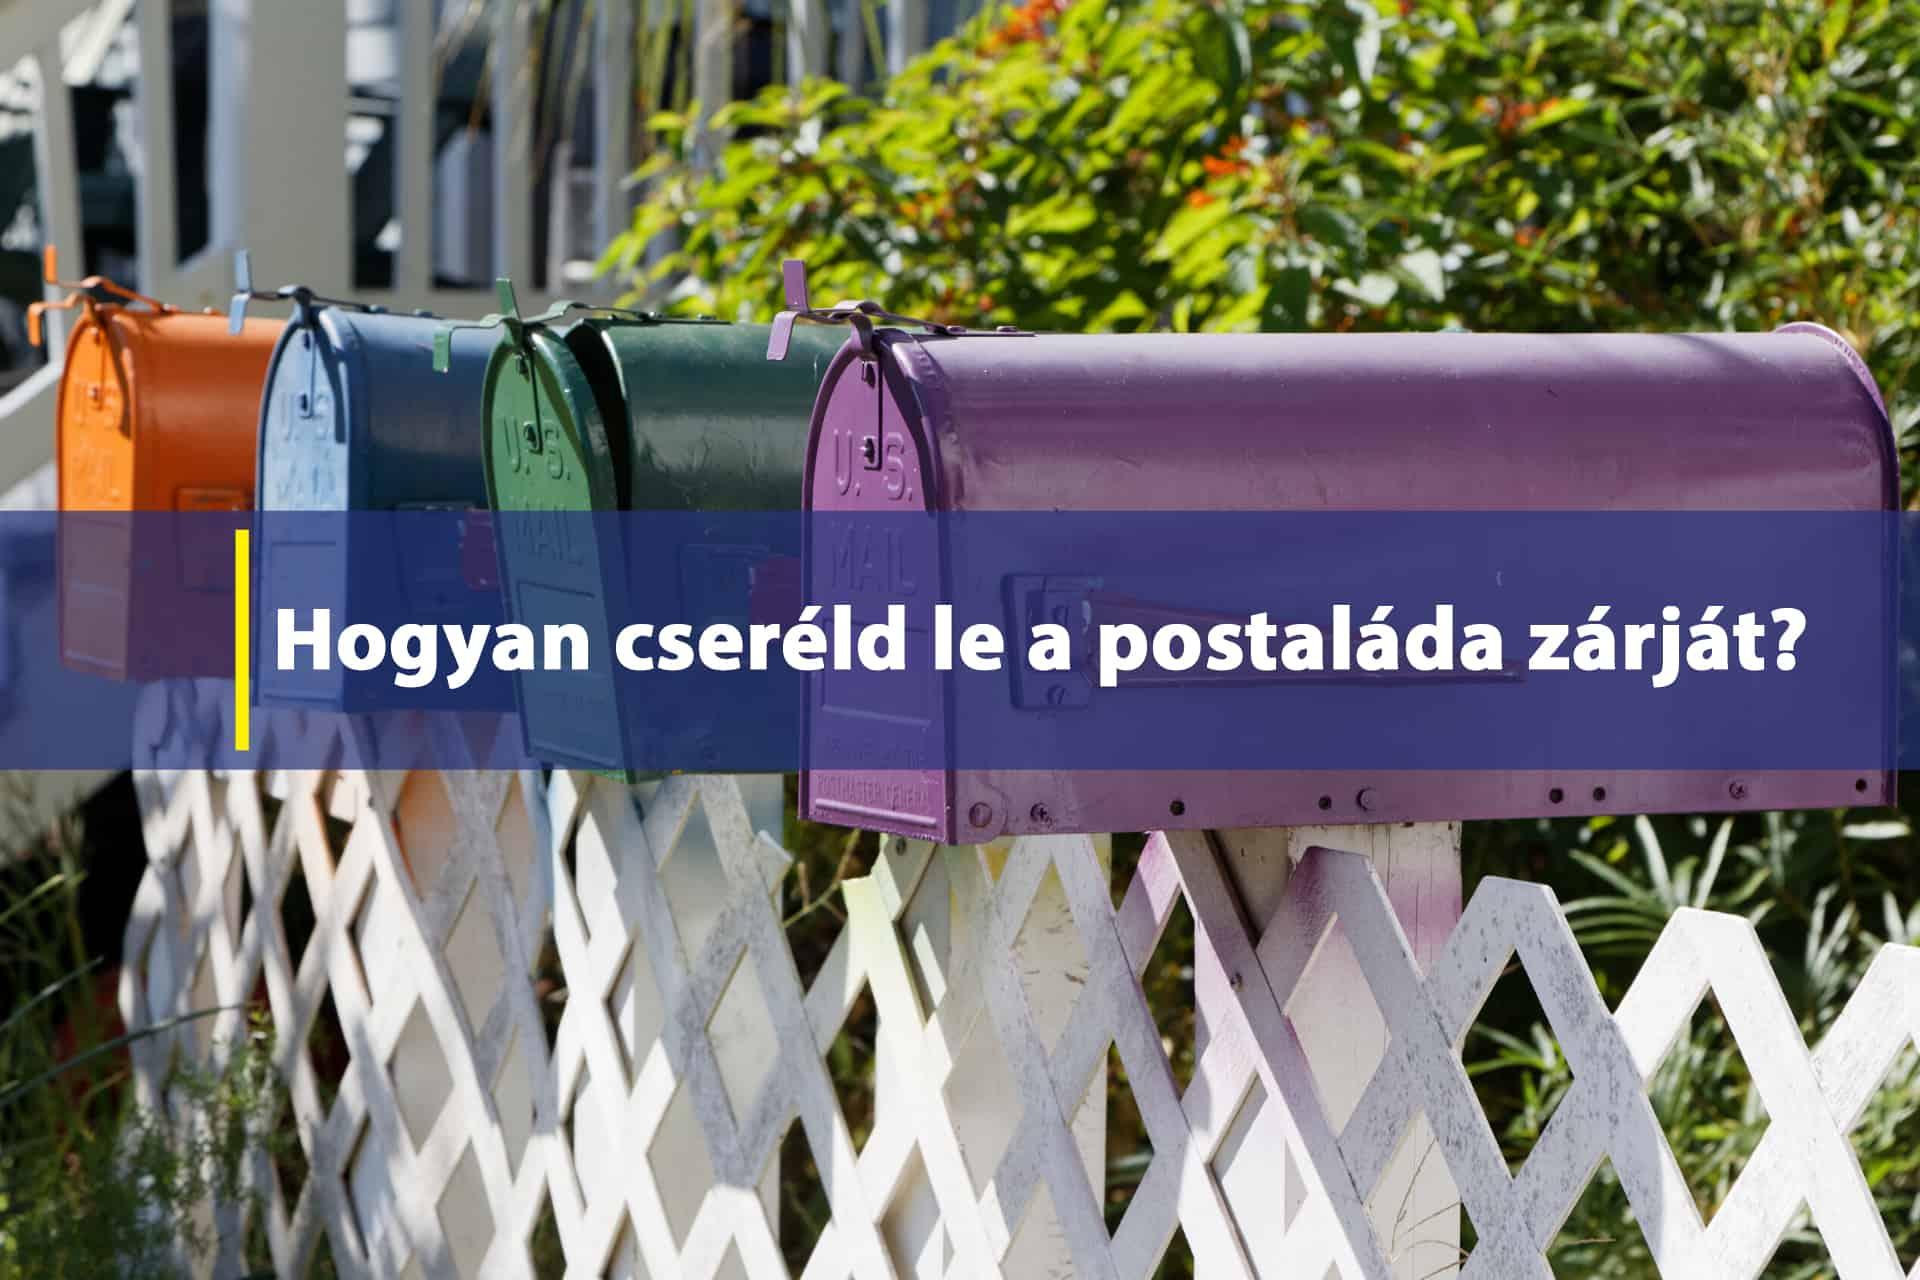 Hogyan cseréld le a postaláda zárját